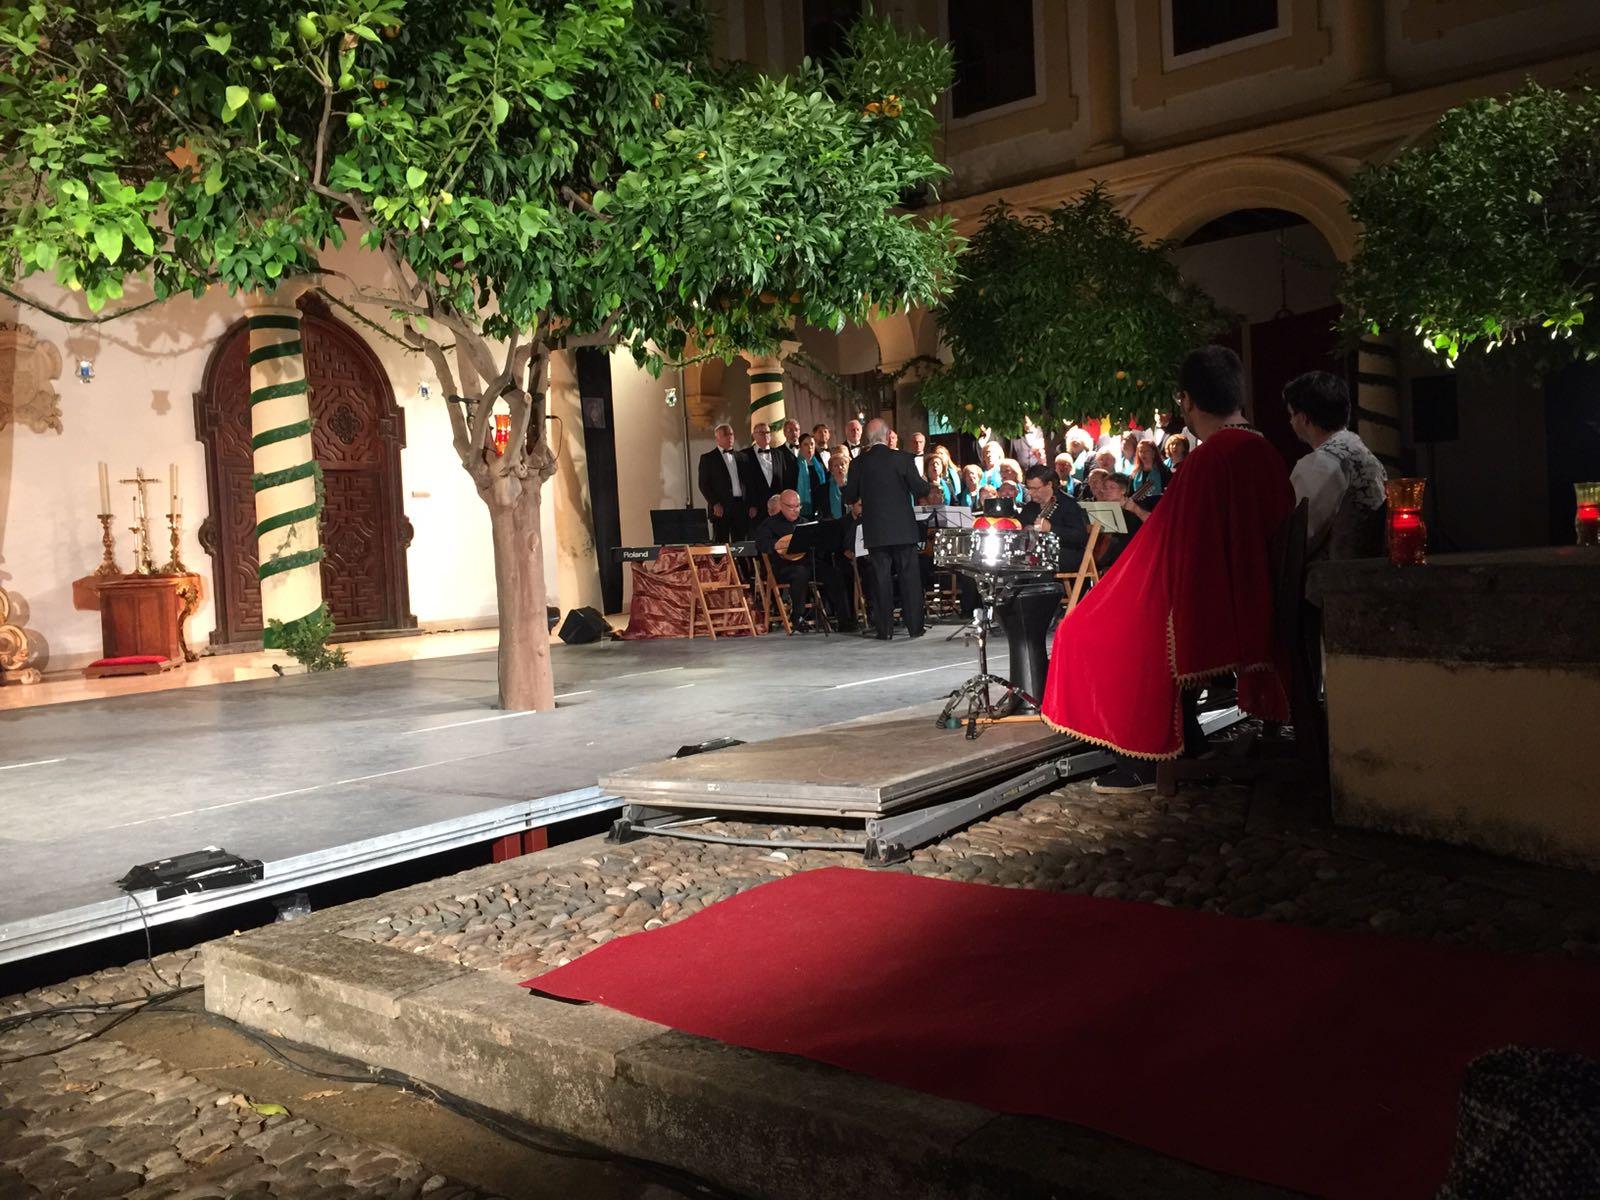 Representación de 'Una vida real' en el Palacio Episcopal de Córdoba